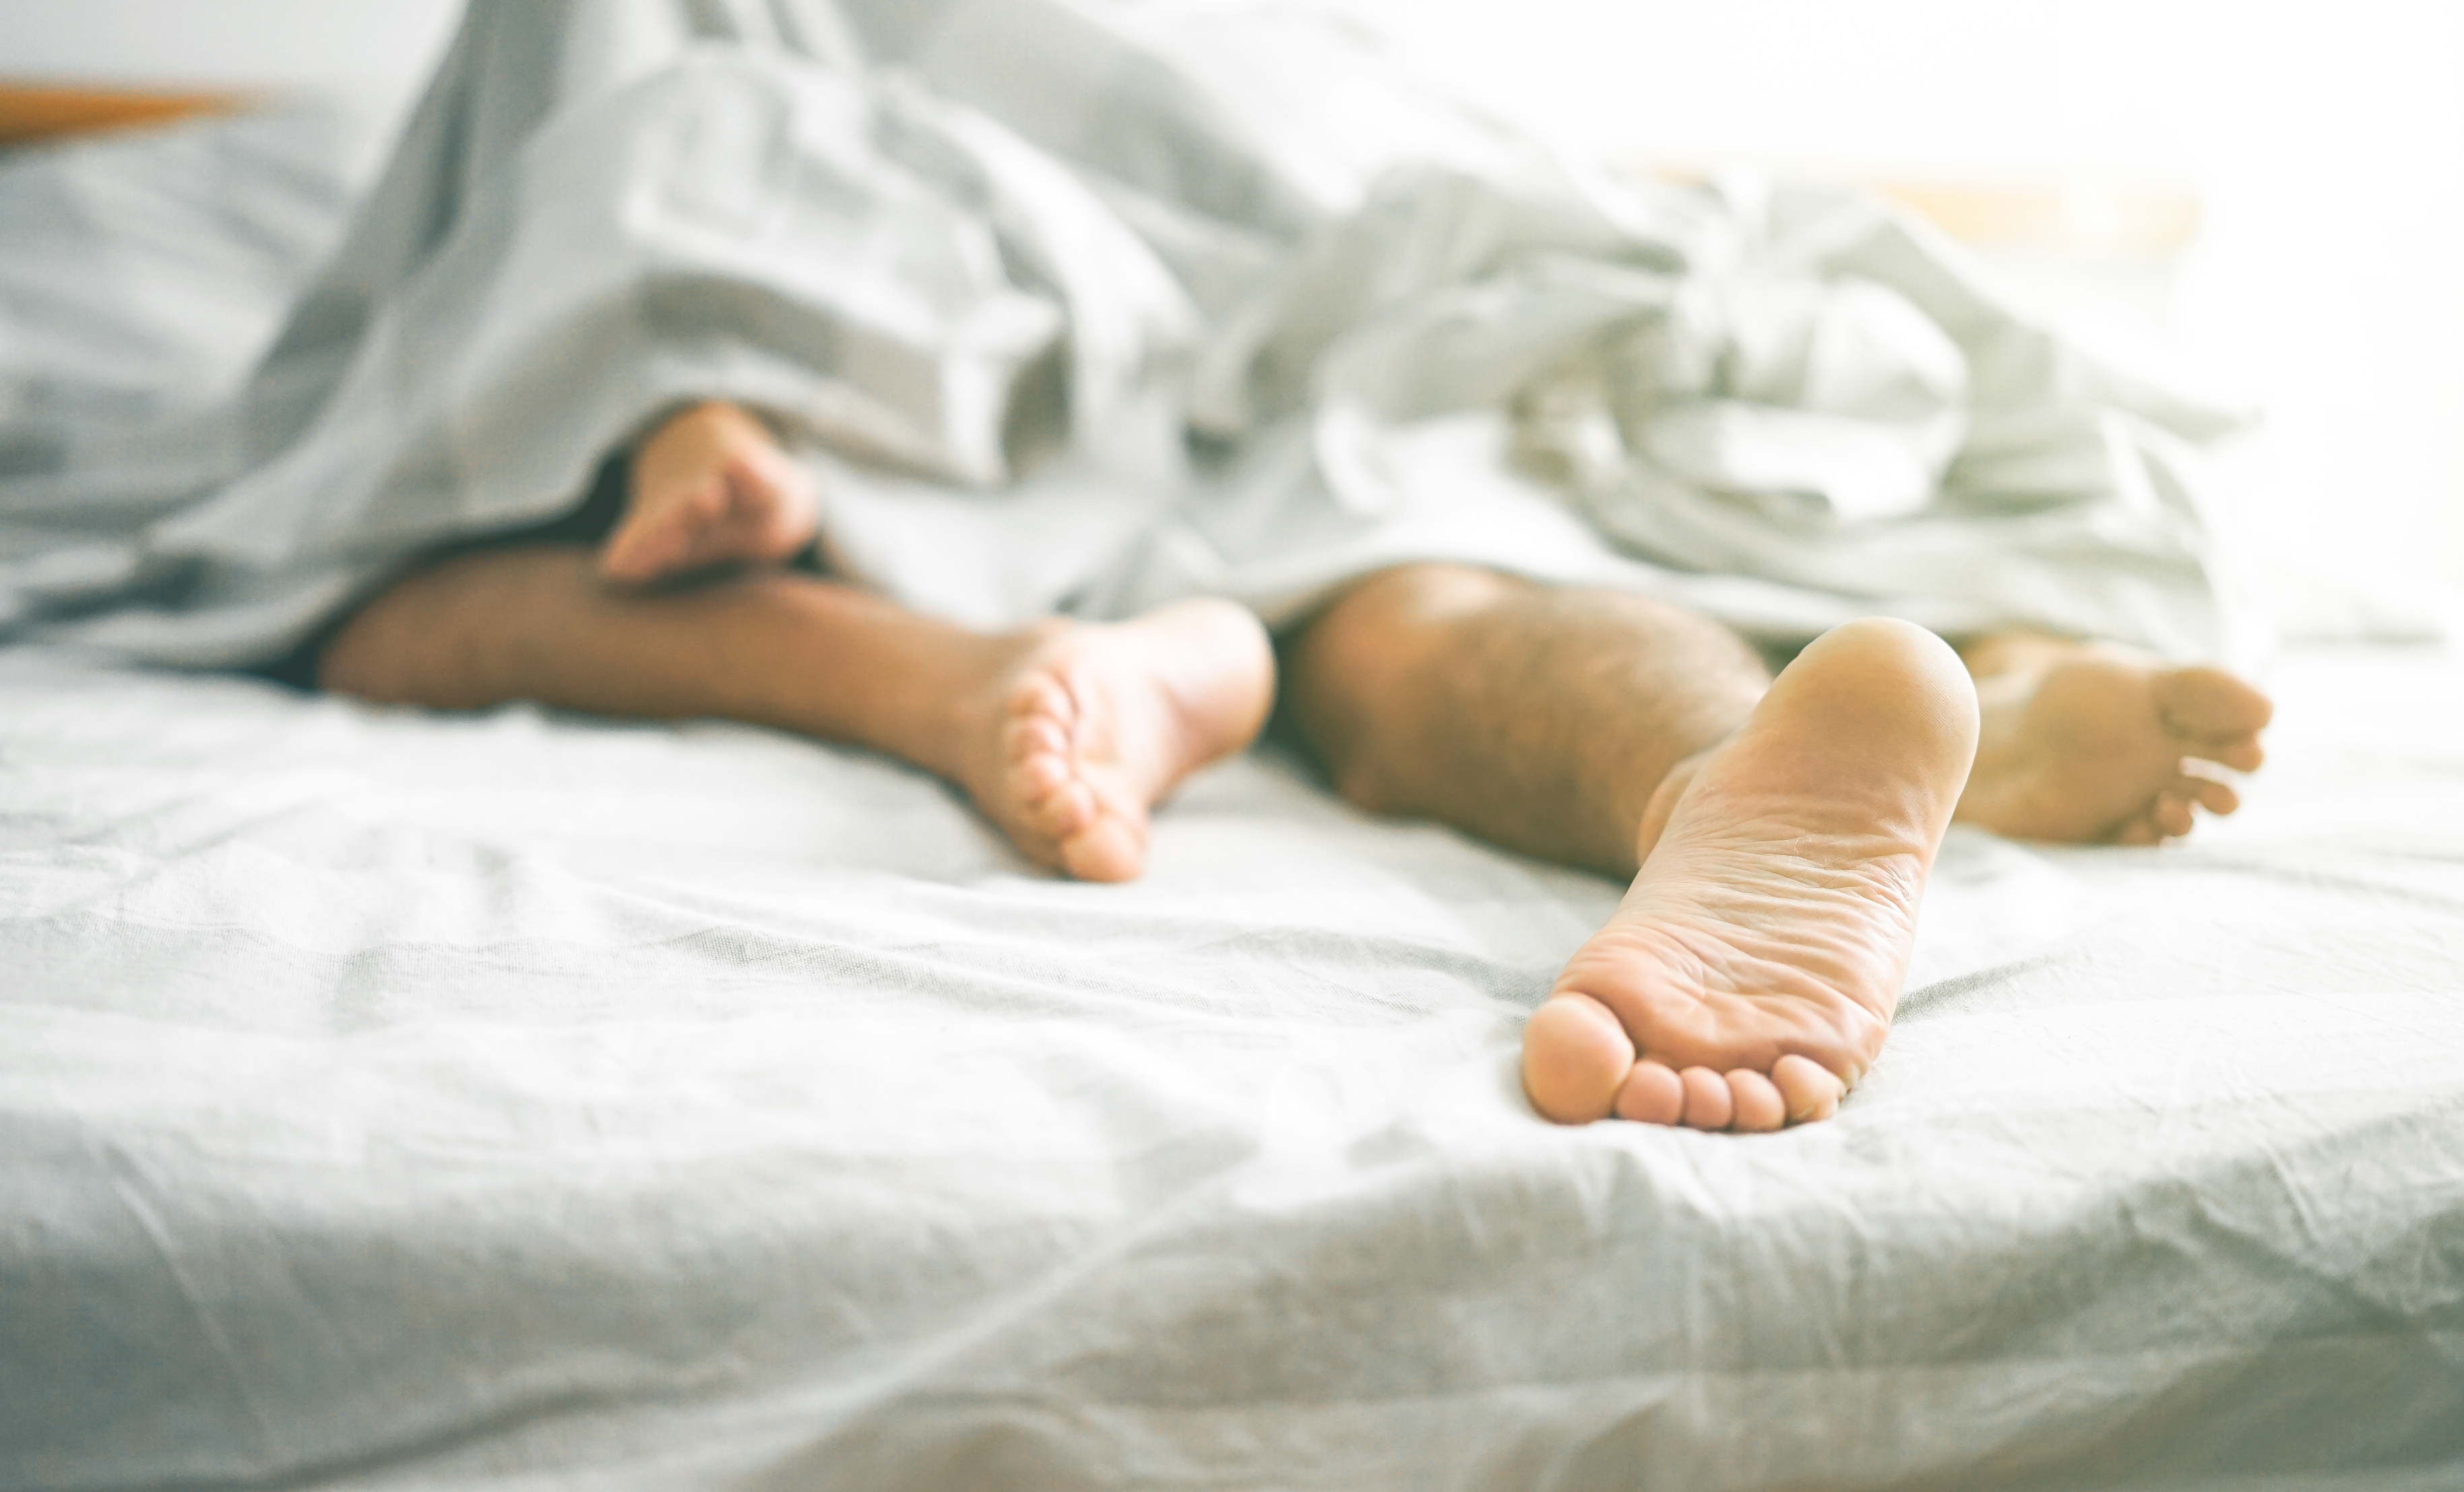 Klamydia orsakas av bakterier och smittar via sex och samlag. Inkubationstiden är en till två veckor.